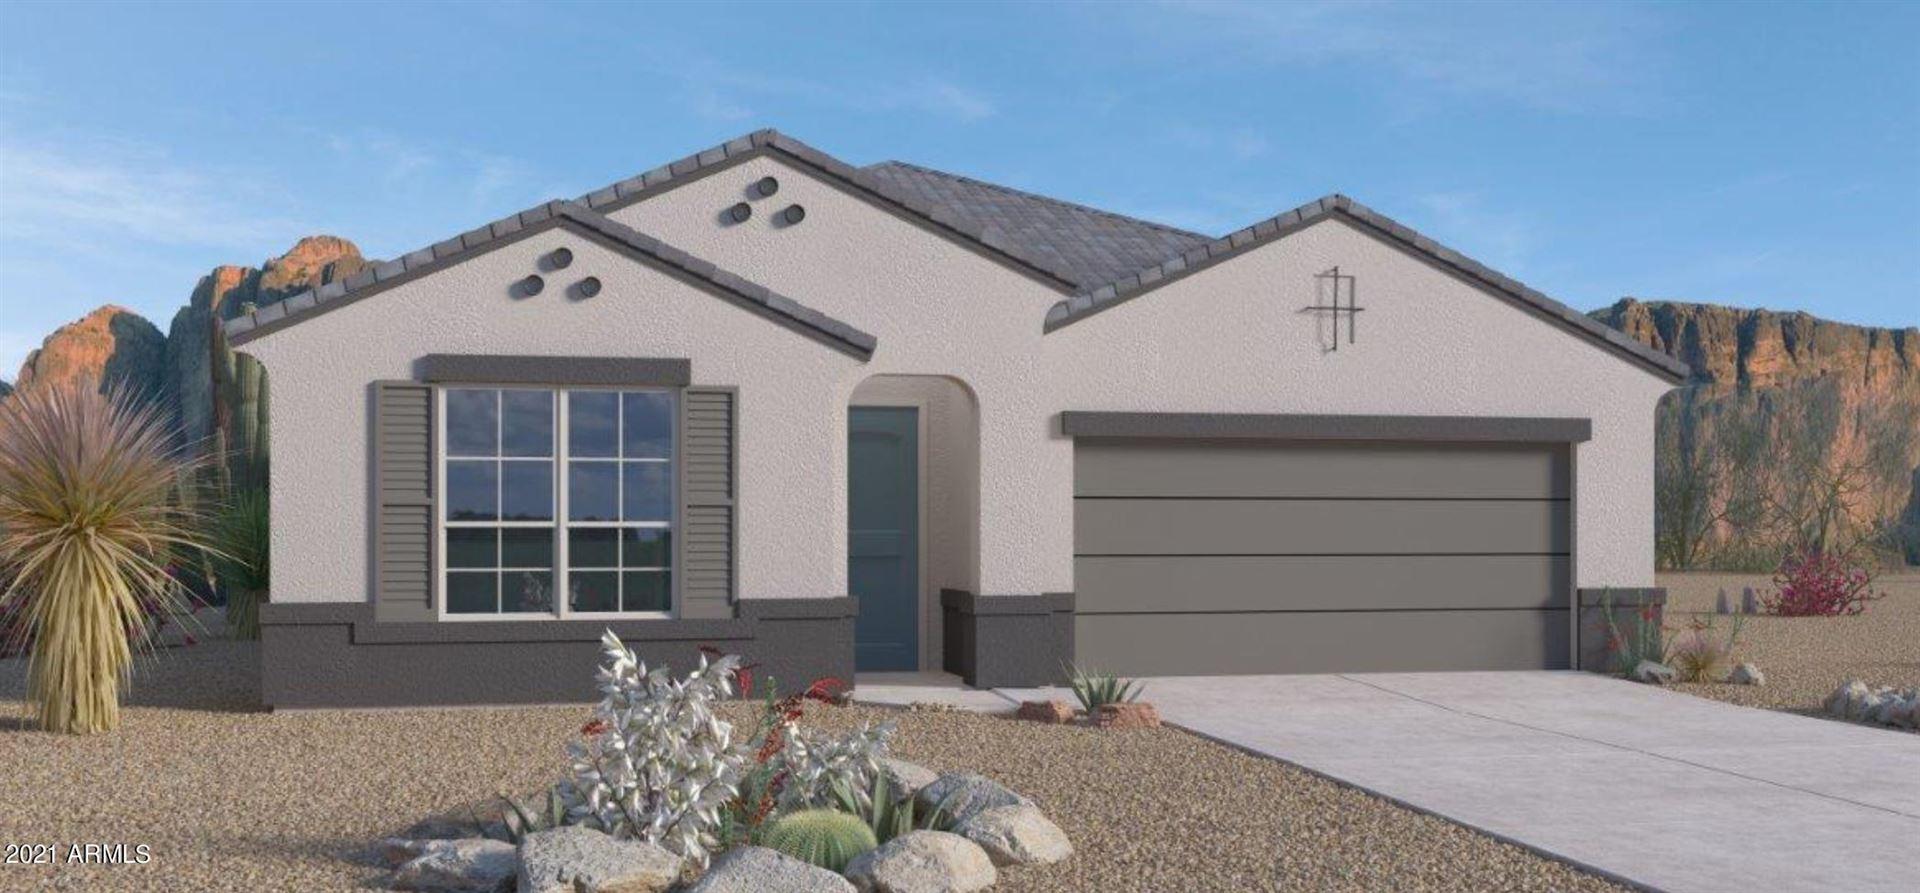 Photo for 44540 W PALO AMARILLO Road, Maricopa, AZ 85138 (MLS # 6228662)